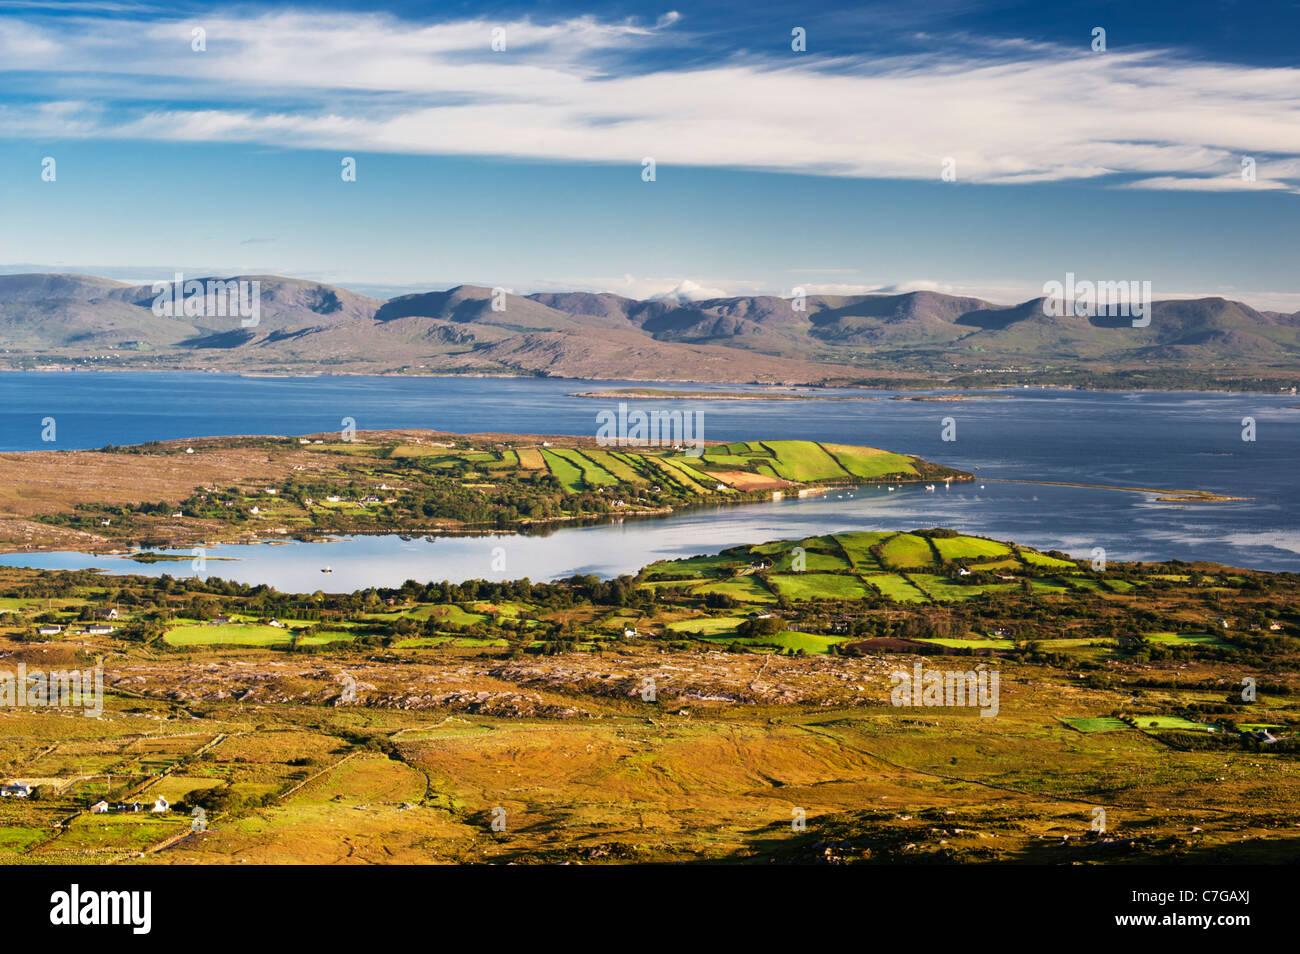 Vistas de Ardgroom, península de Beara, Condado de Cork, Irlanda, a través de la Bahía de Kenmare a las montañas Foto de stock